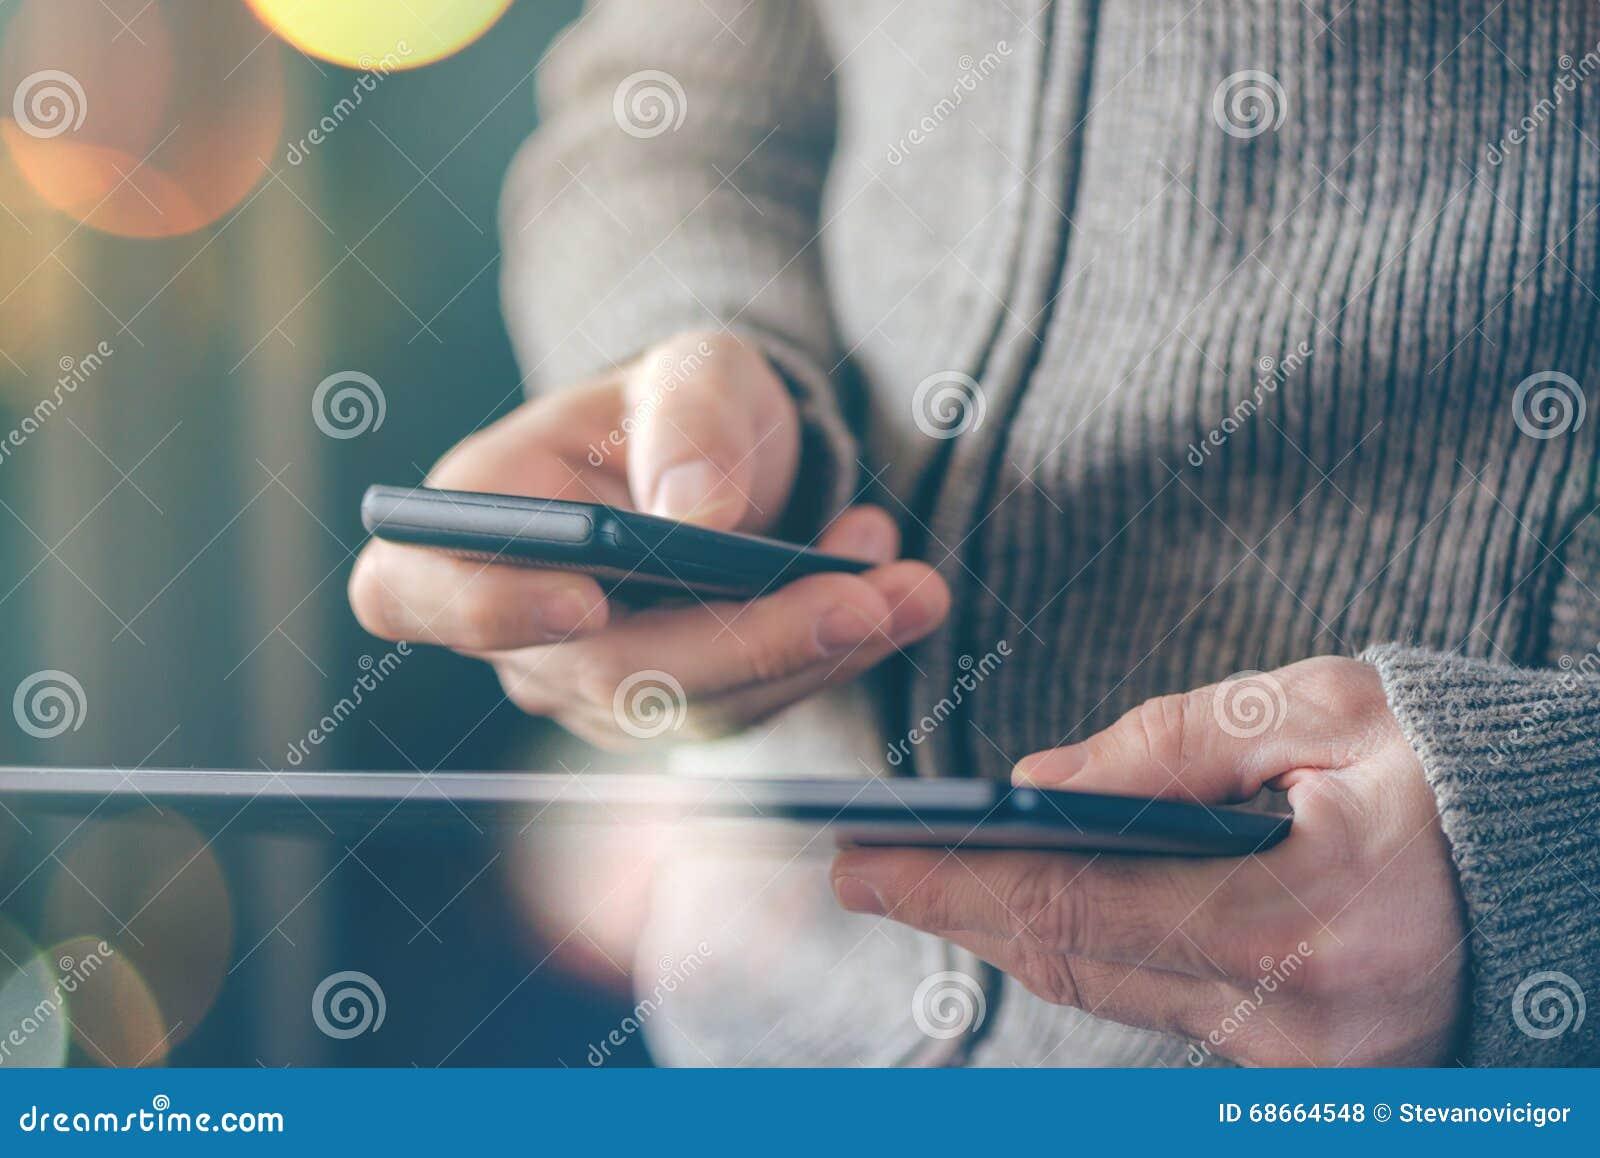 Smartphone e sincronização dos dados da tabuleta, arquivos syncing do homem